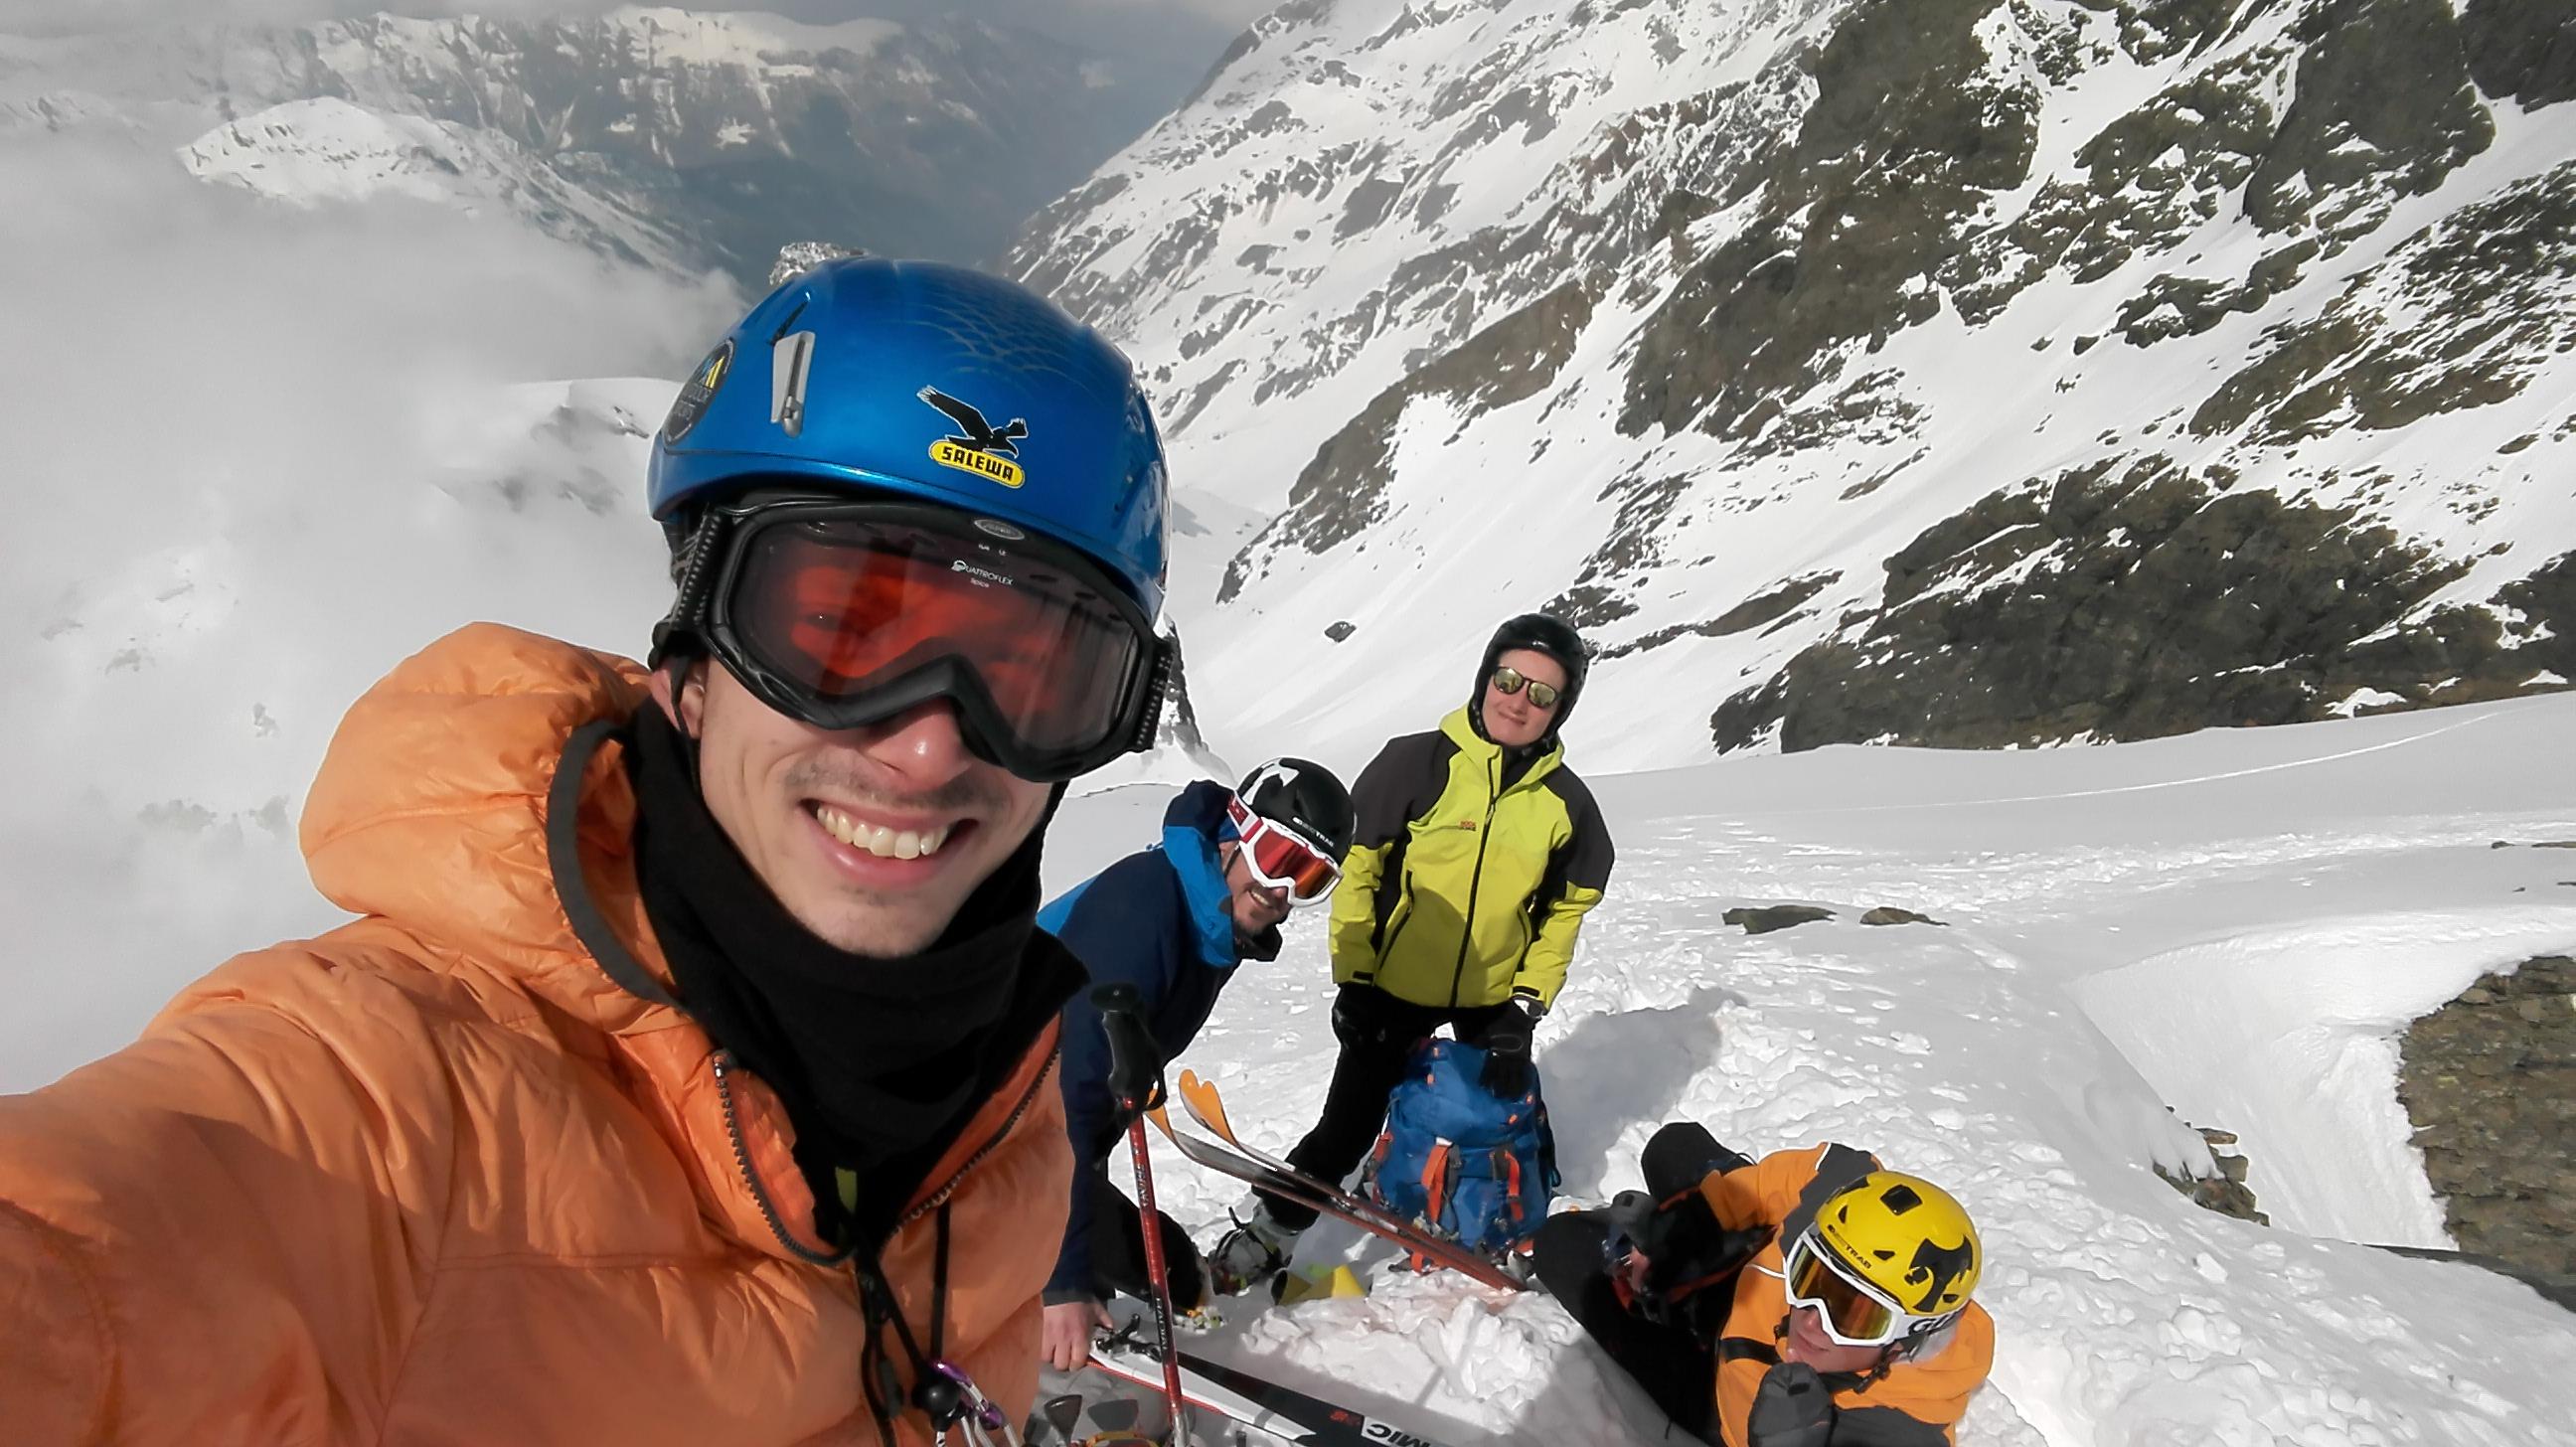 Da Sx: Francesco, Nando, Chiara e Lorenzo Skimo team in vetta al completo